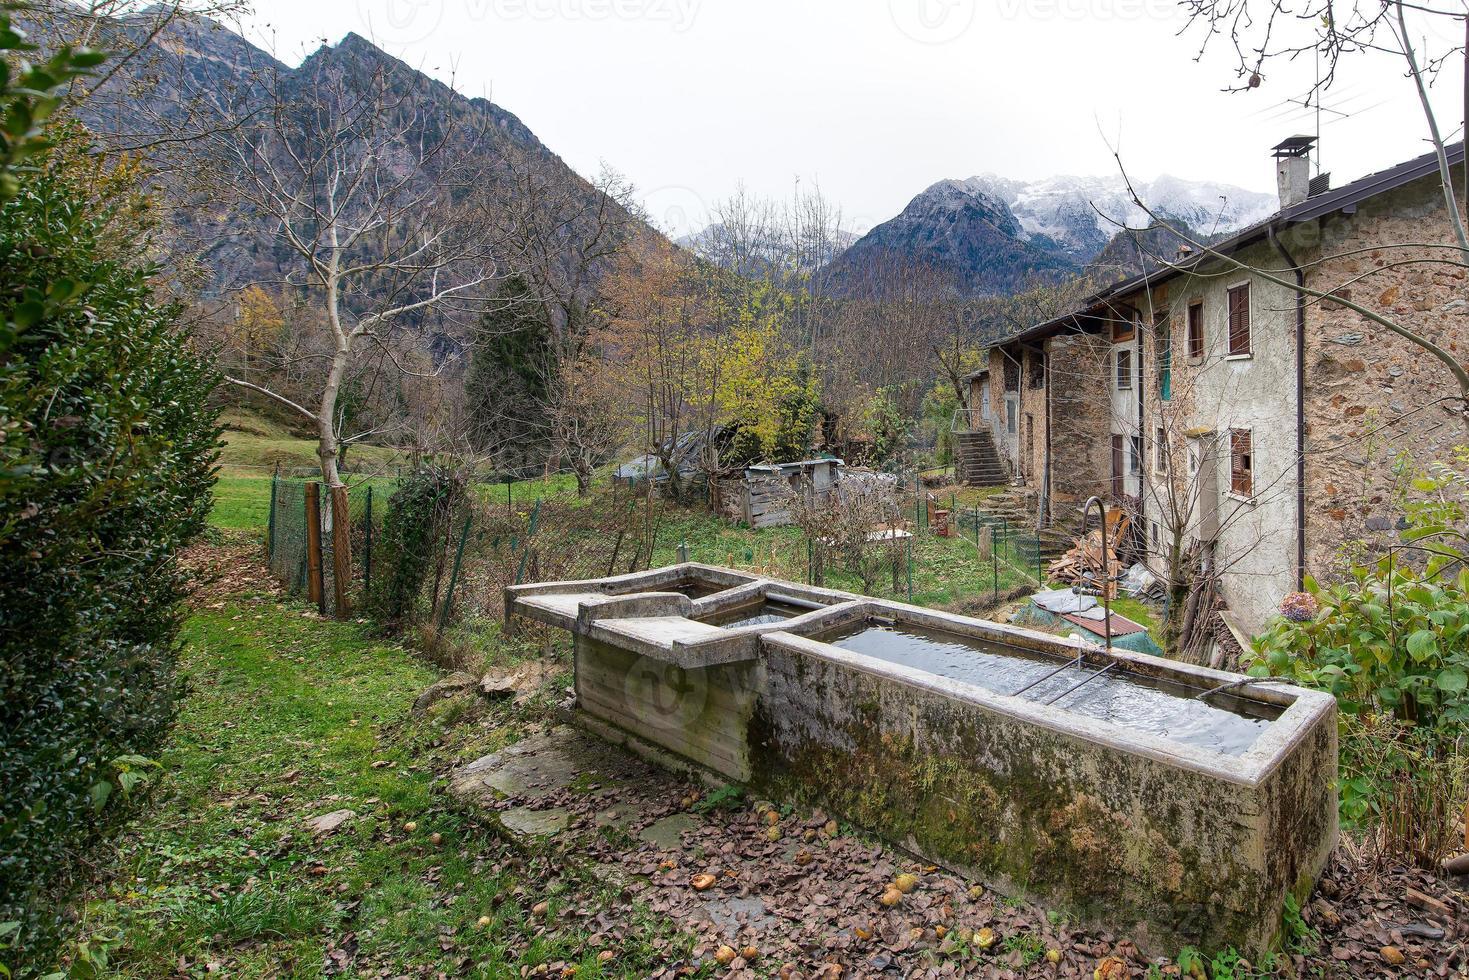 alte Brunnen in einem Dorf der italienischen Alpen foto